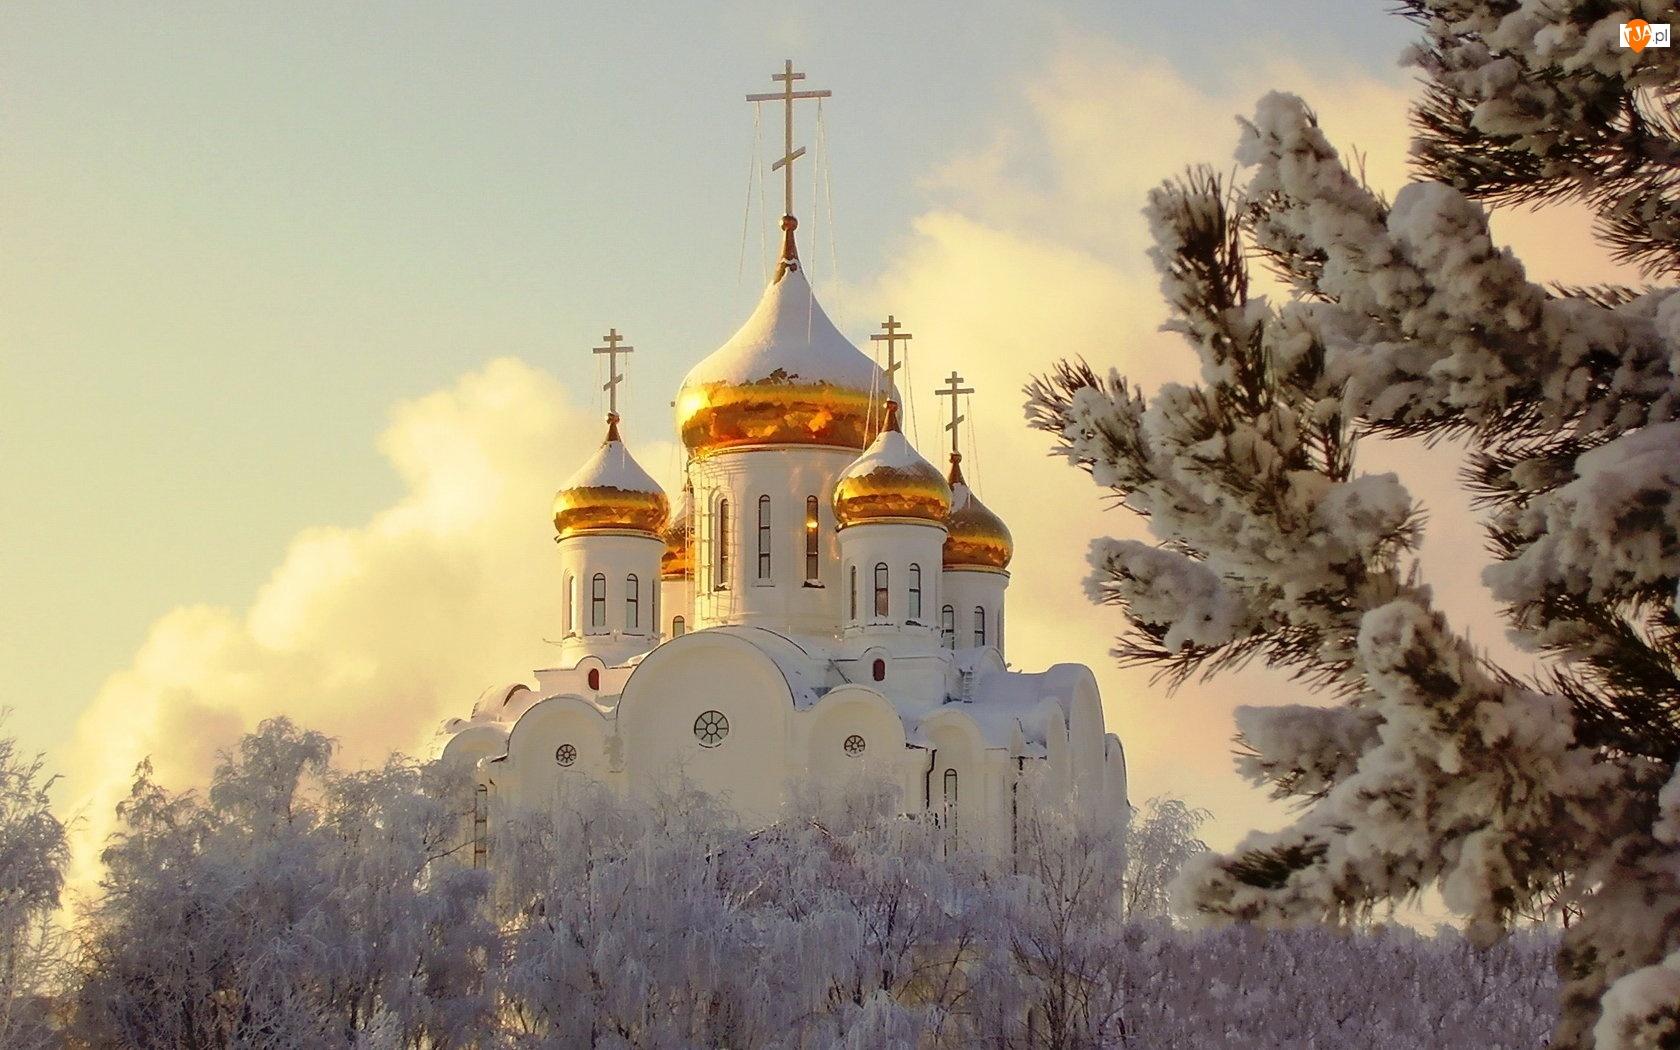 Drzewa, Kościół, Cerkiew